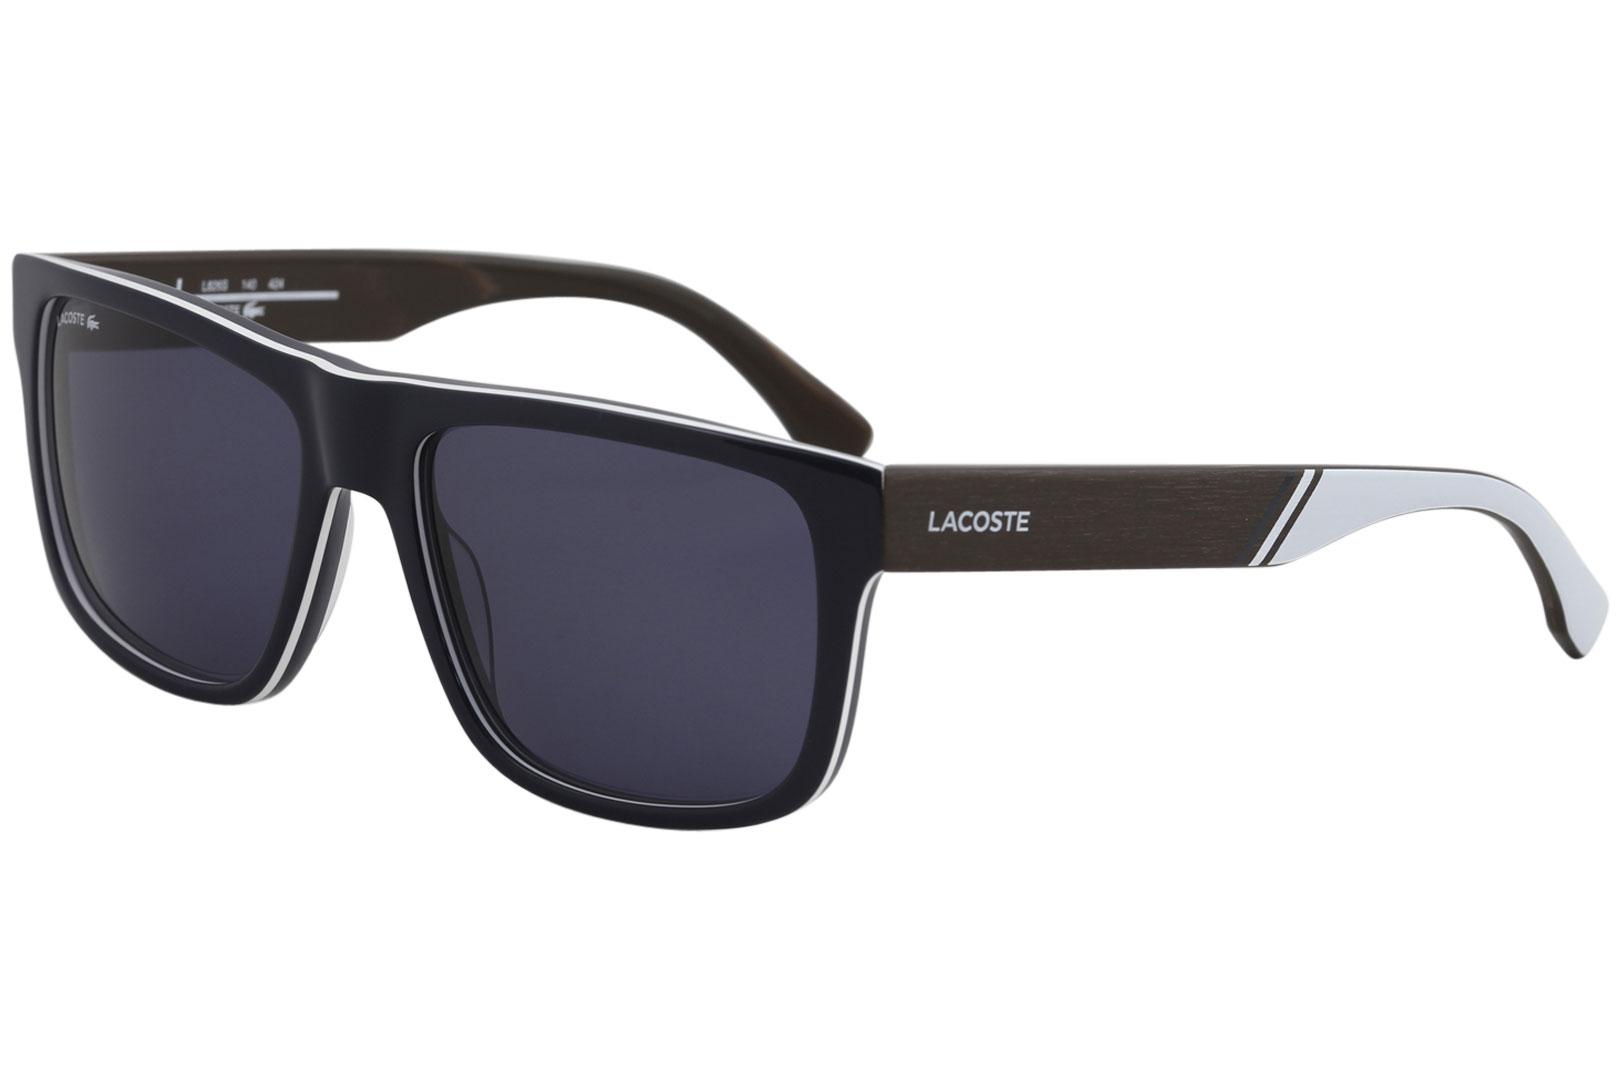 Lacoste L826S 424 57 mm/17 mm sUihYdX